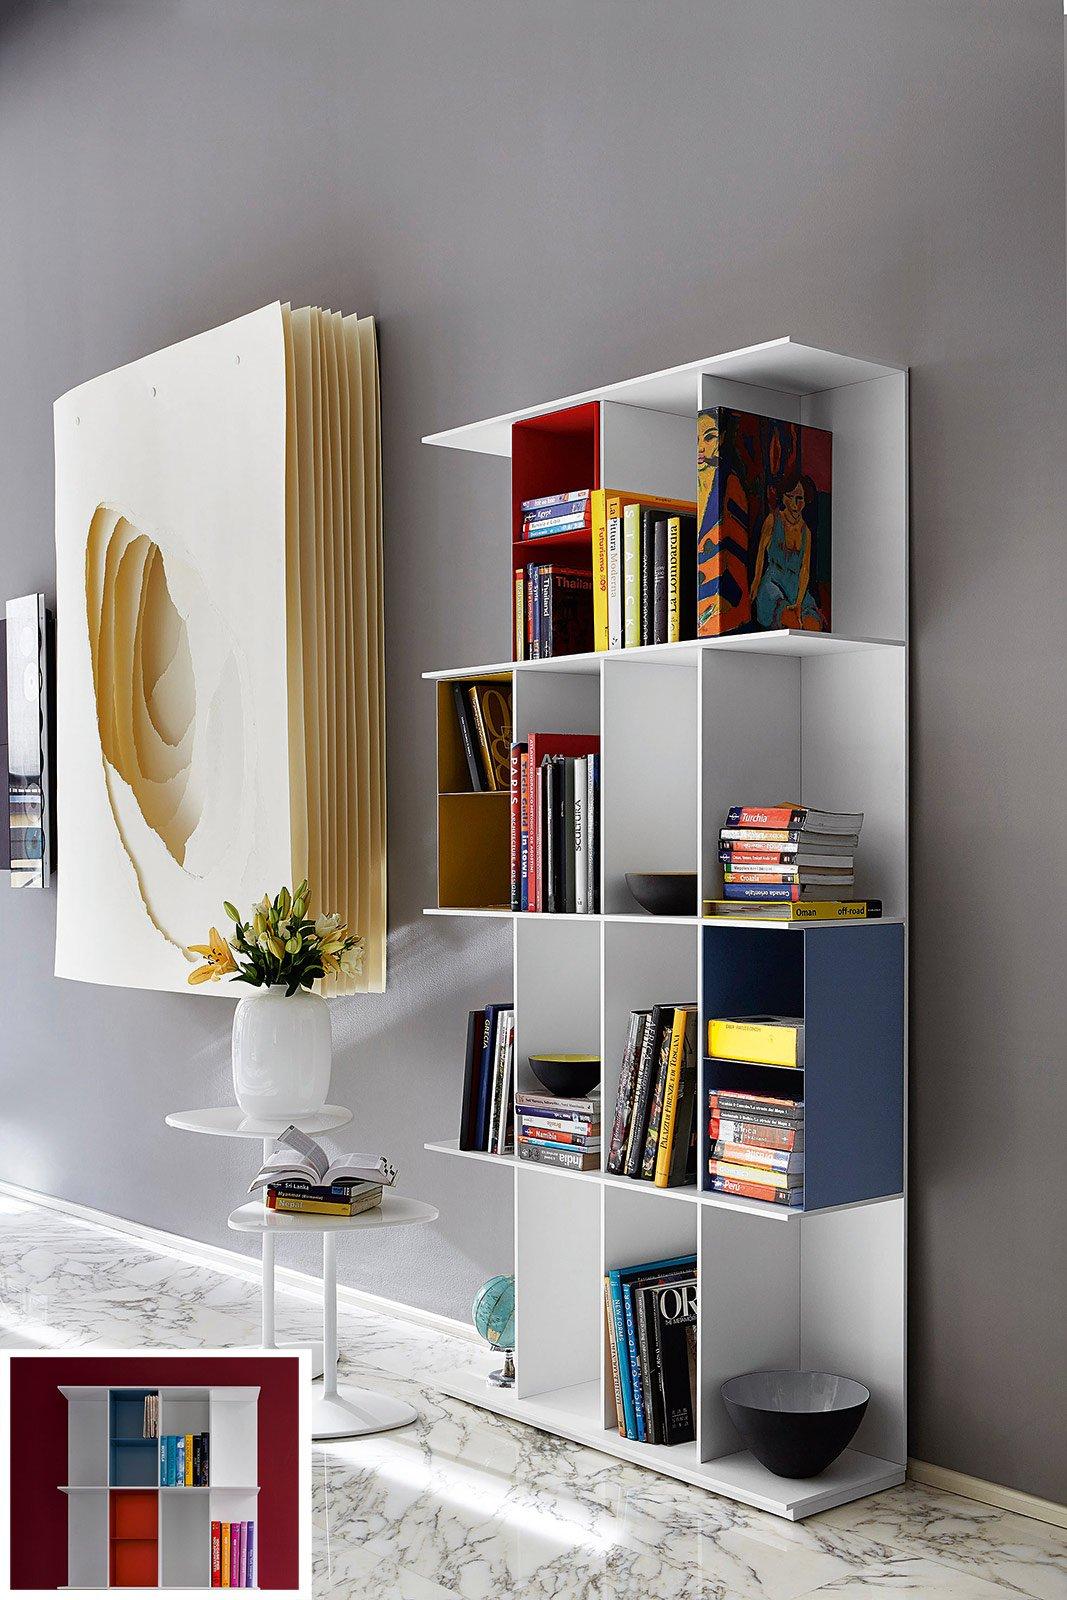 Librerie: grande o piccola? - Cose di Casa